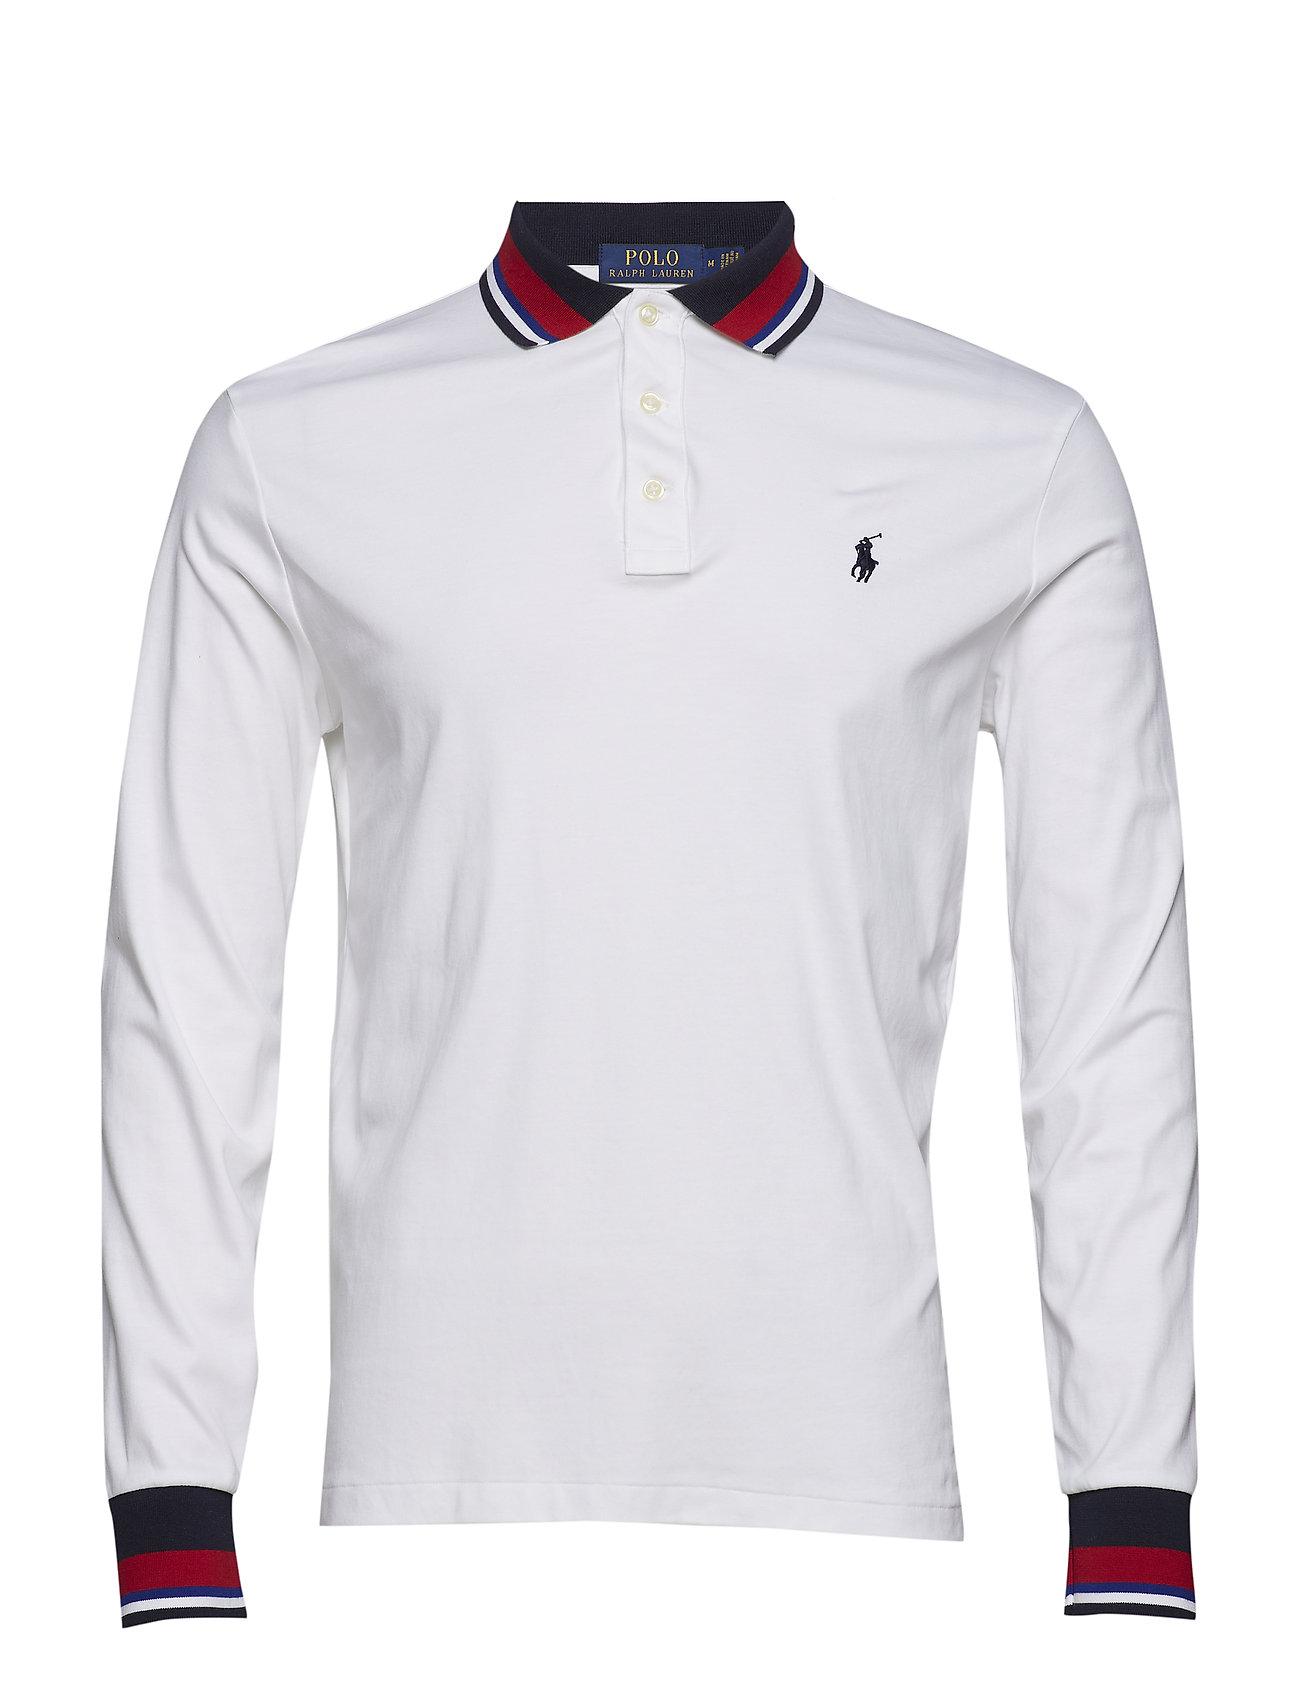 d6bcfe266 Pima Polo-lsl-knt (White) (77.97 €) - Polo Ralph Lauren -